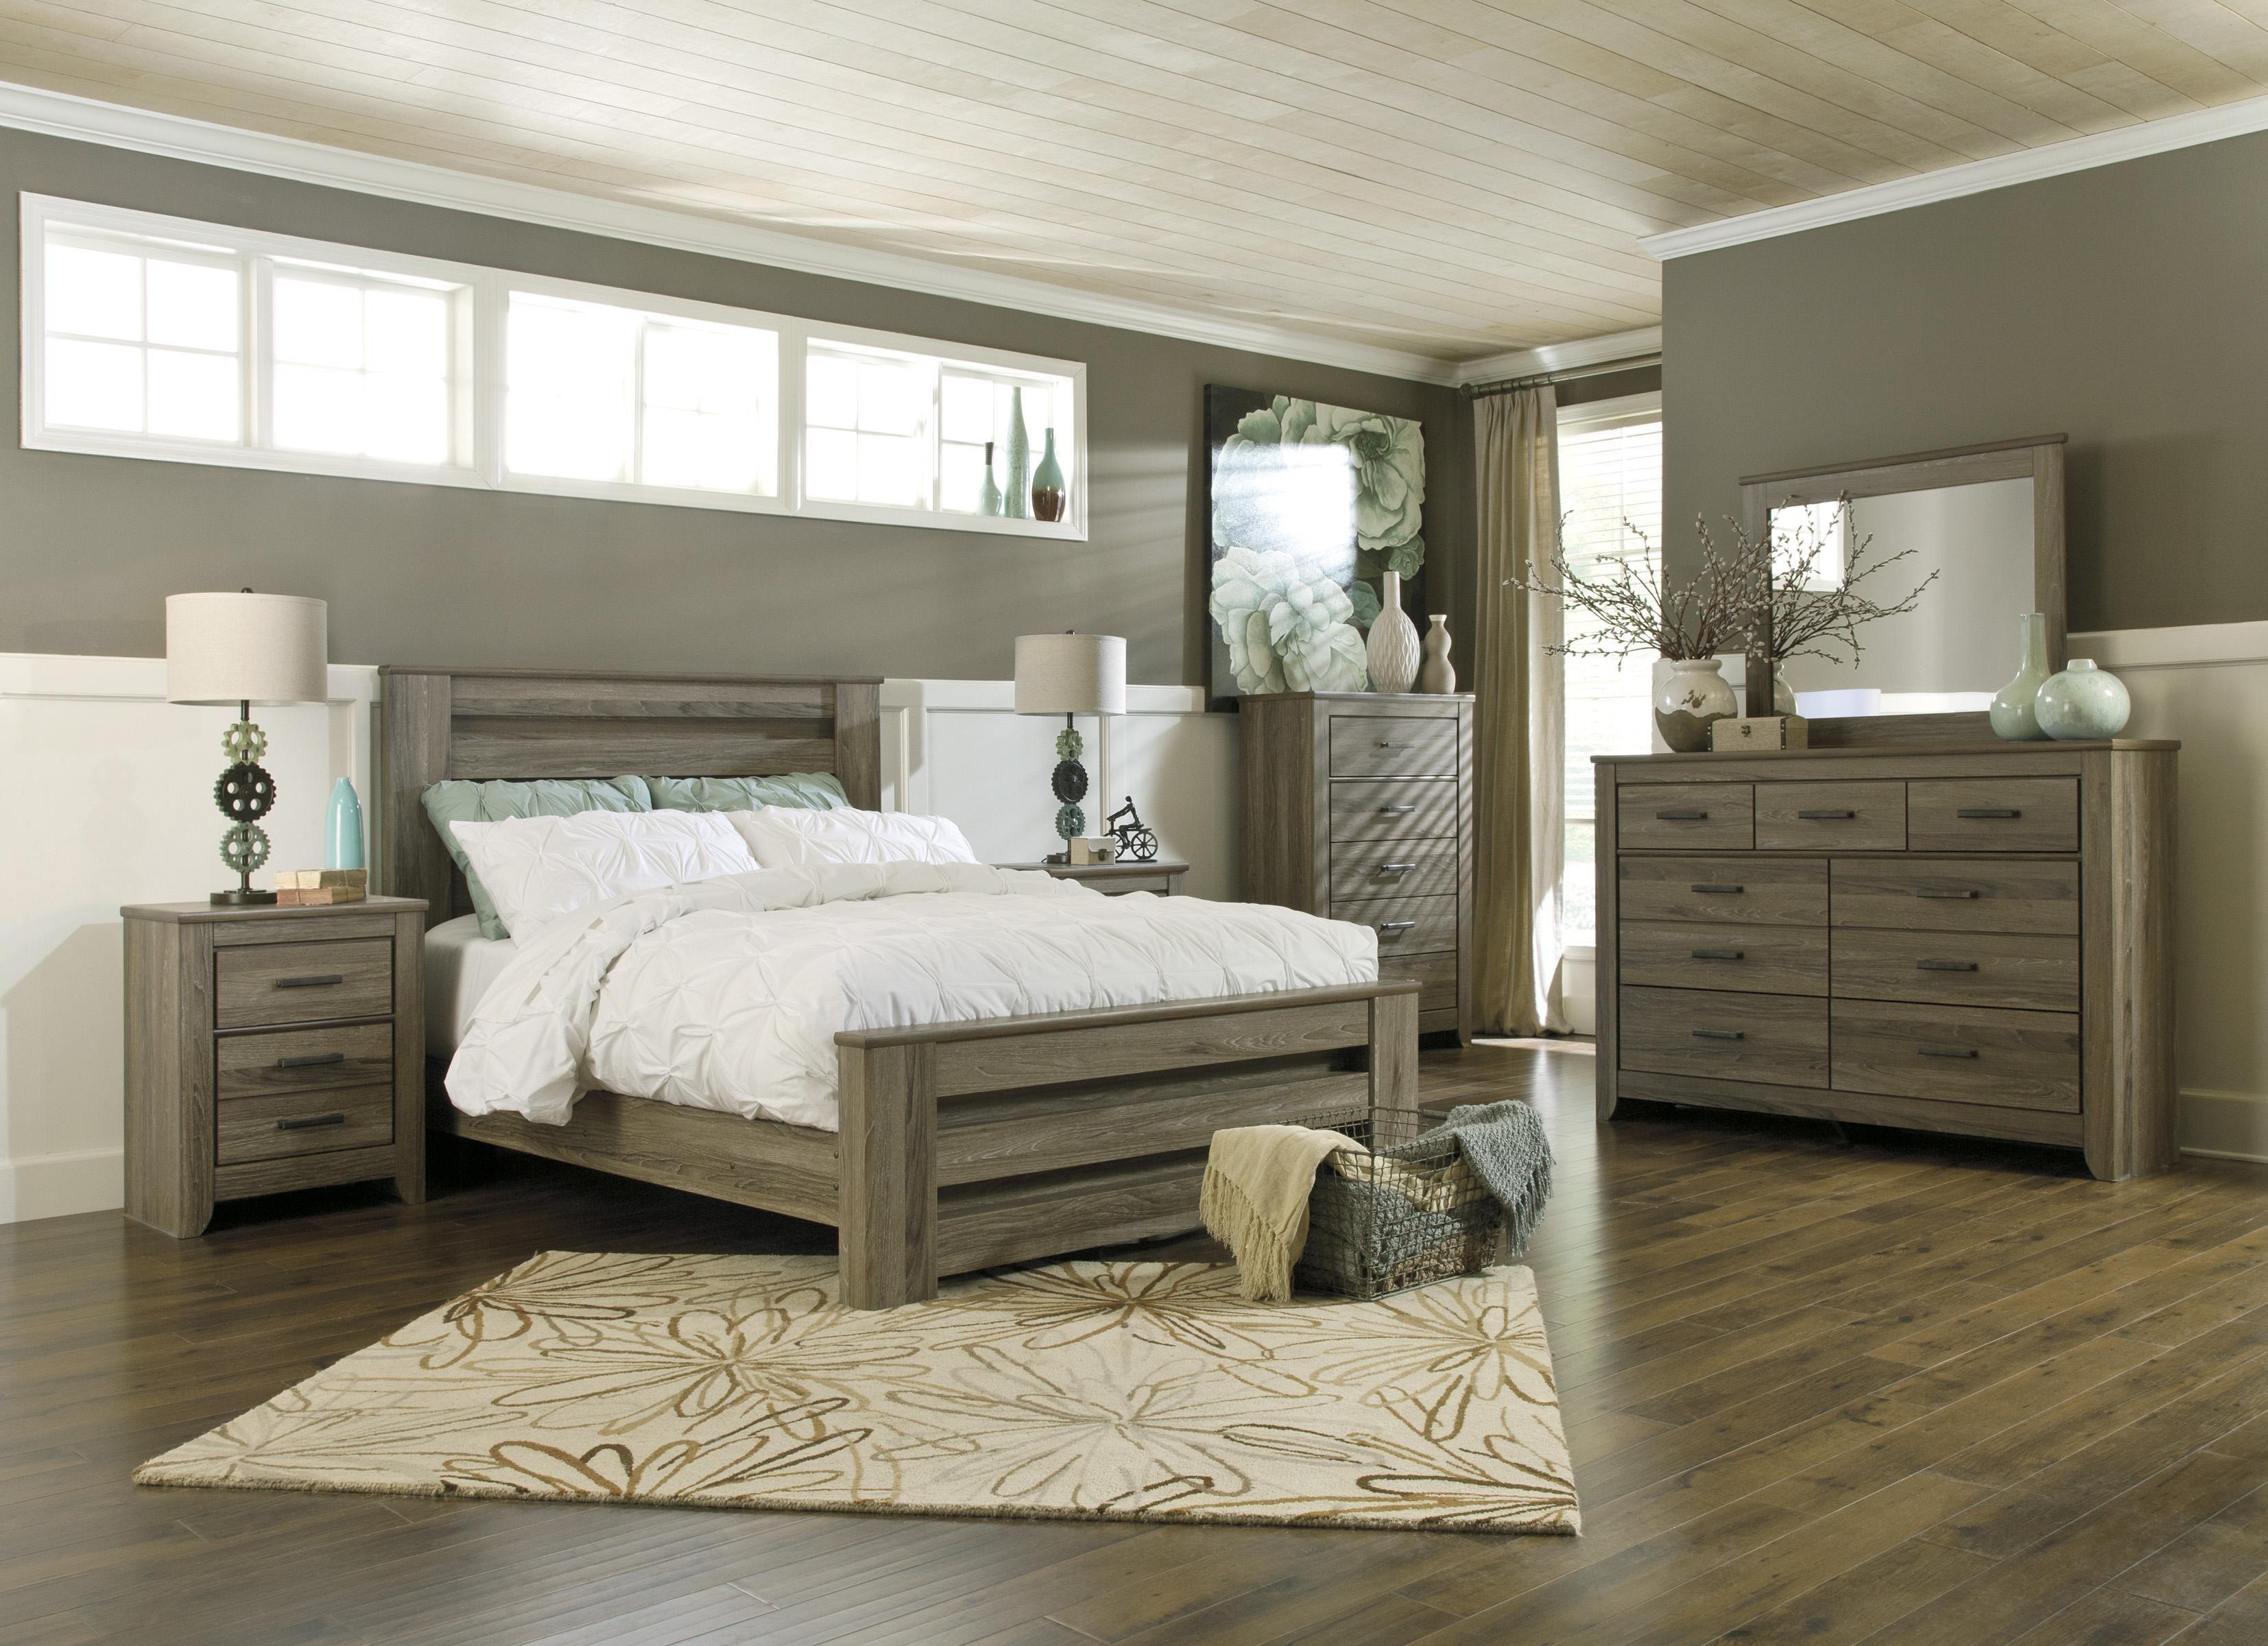 Zelen Queen Panel Bed in Warm Gray Rustic Finish by